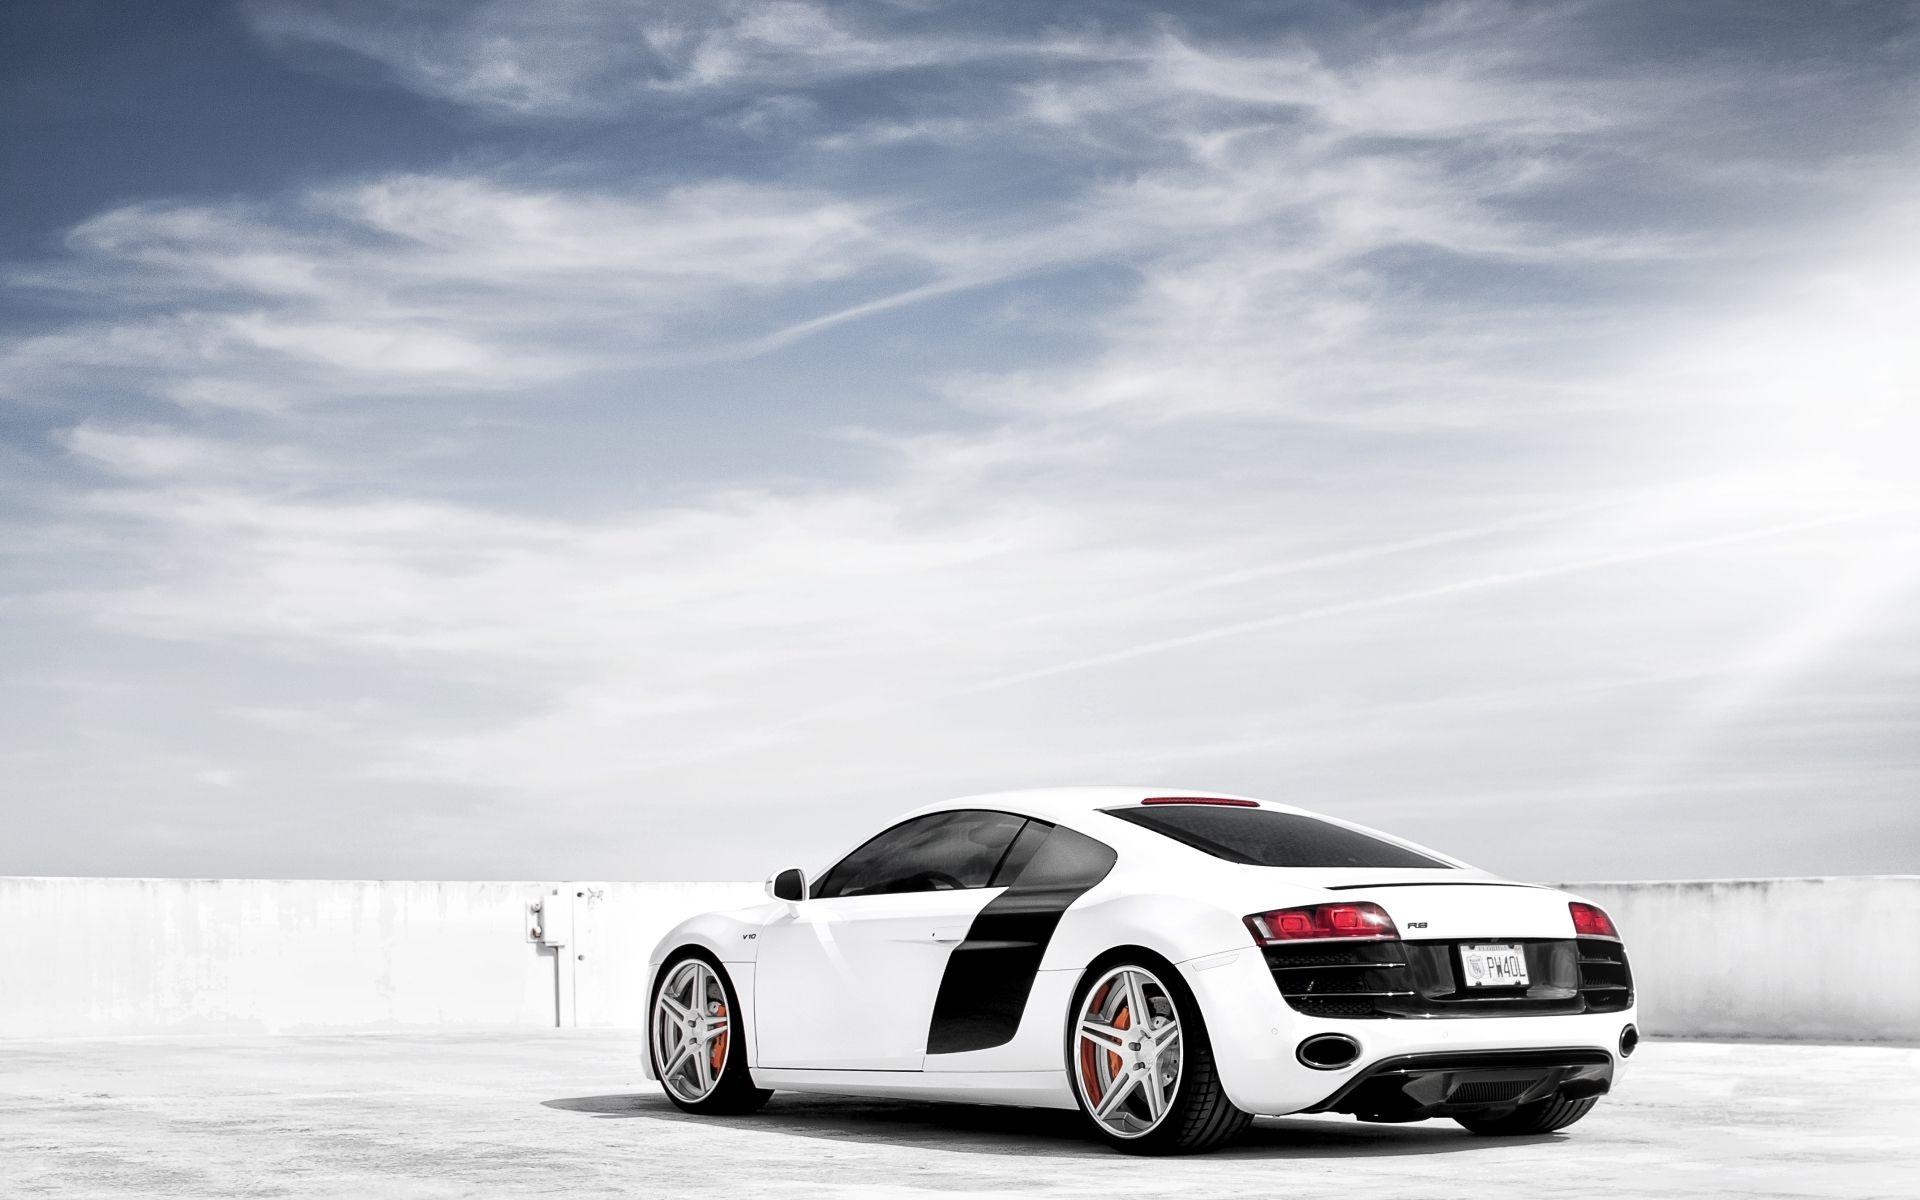 White Audi R8 Wallpaper Http Whatstrendingonline Com White Audi R8 Wallpaper White Audi R8 Audi R8 Bmw Background